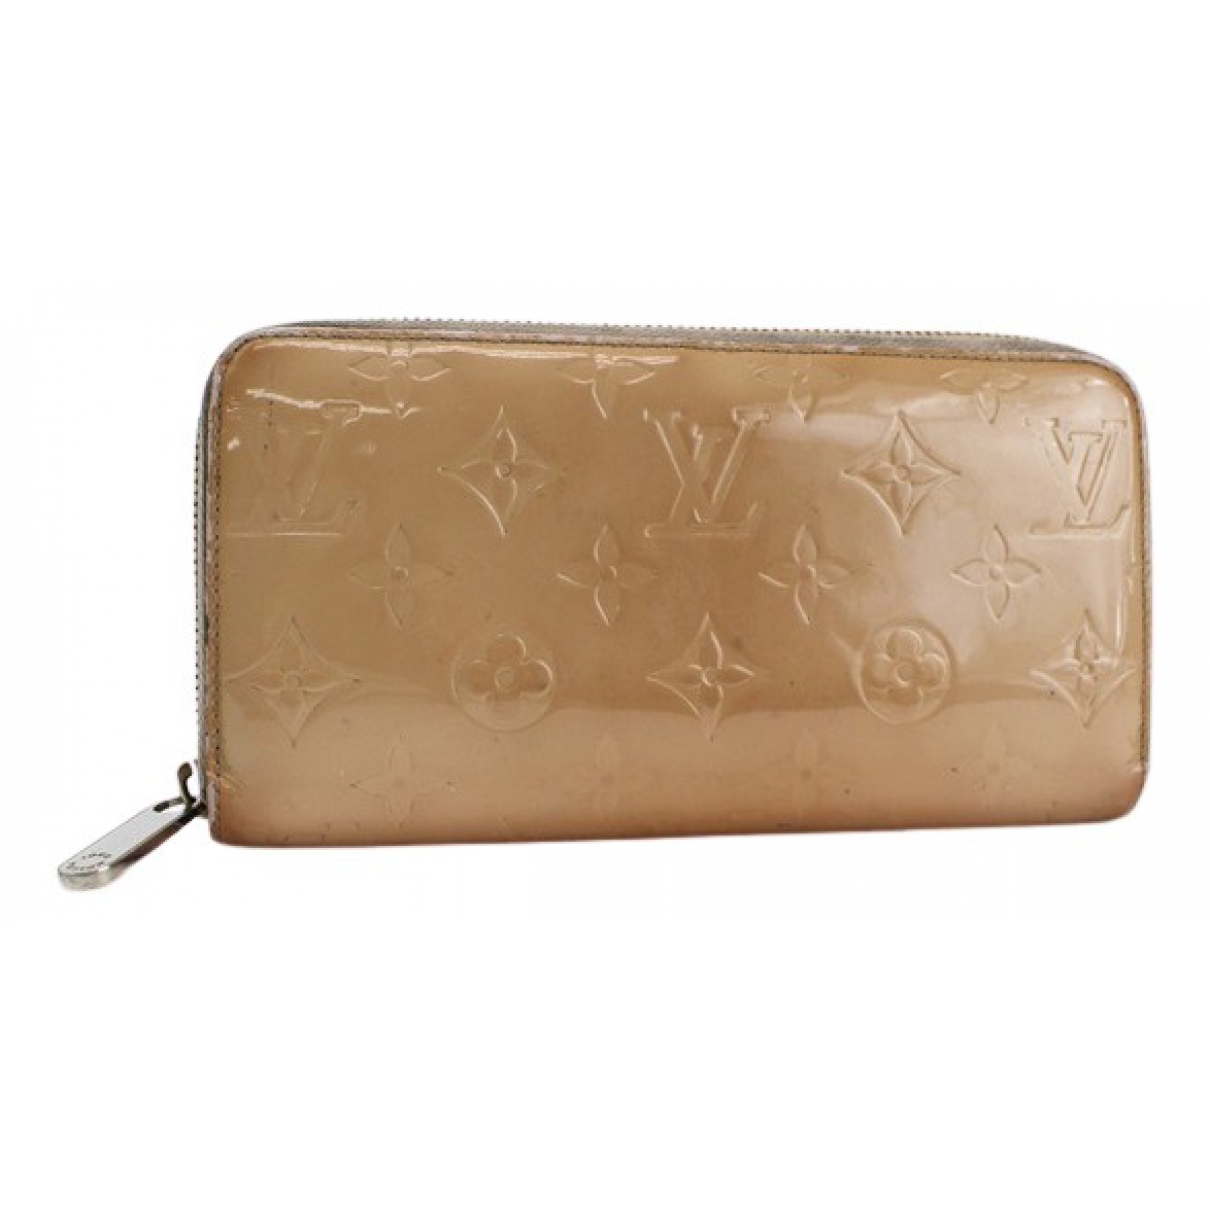 Louis Vuitton - Portefeuille Zippy pour femme en cuir verni - beige